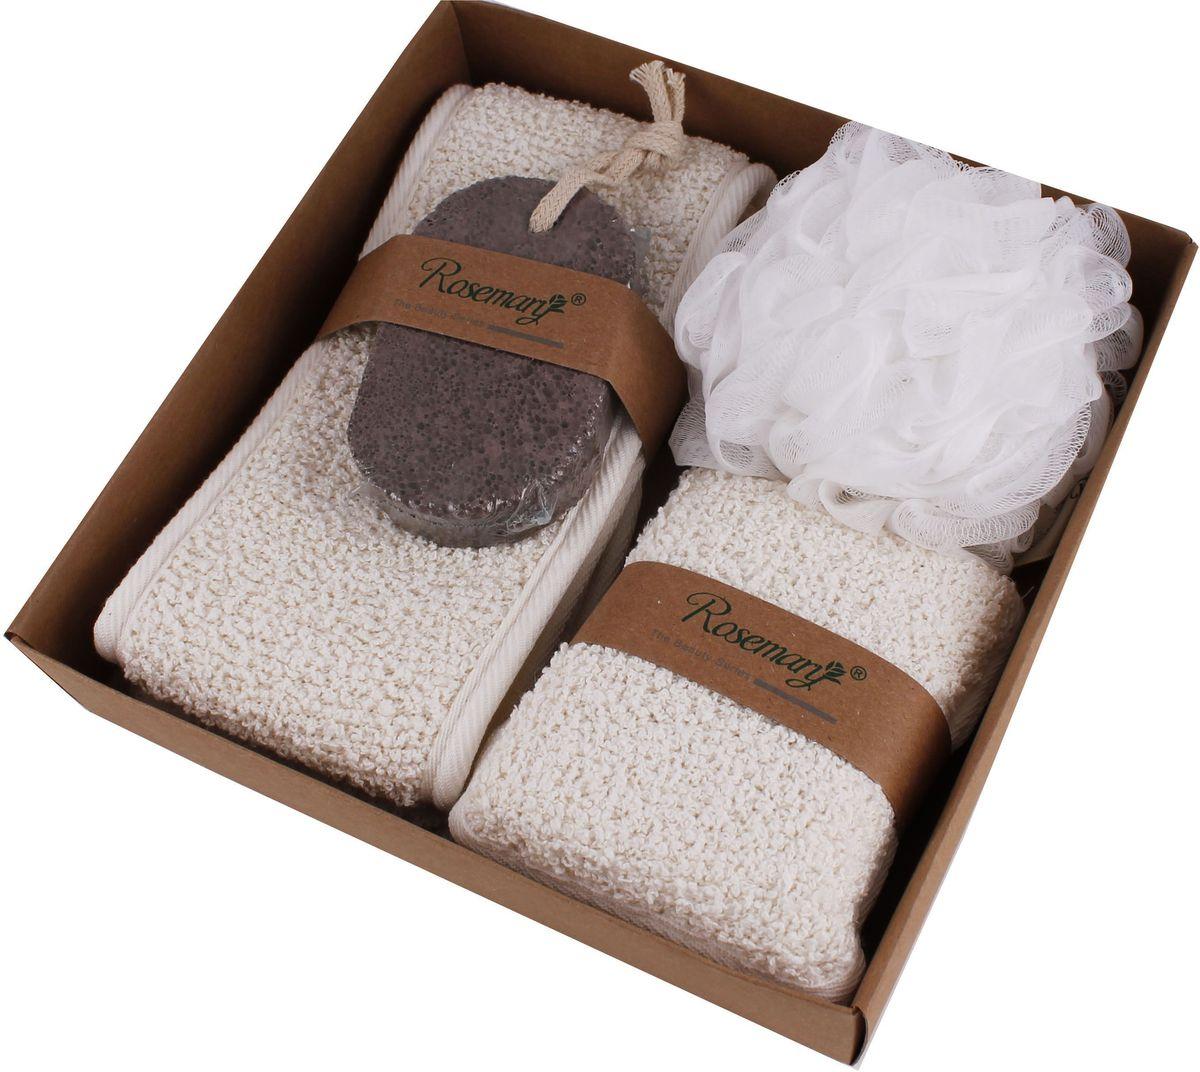 Набор банных аксессуаров Patricia, 4 предмета, цвет: белый, бежевый. IM99-1344 набор для специй patricia 4 предмета im99 3920